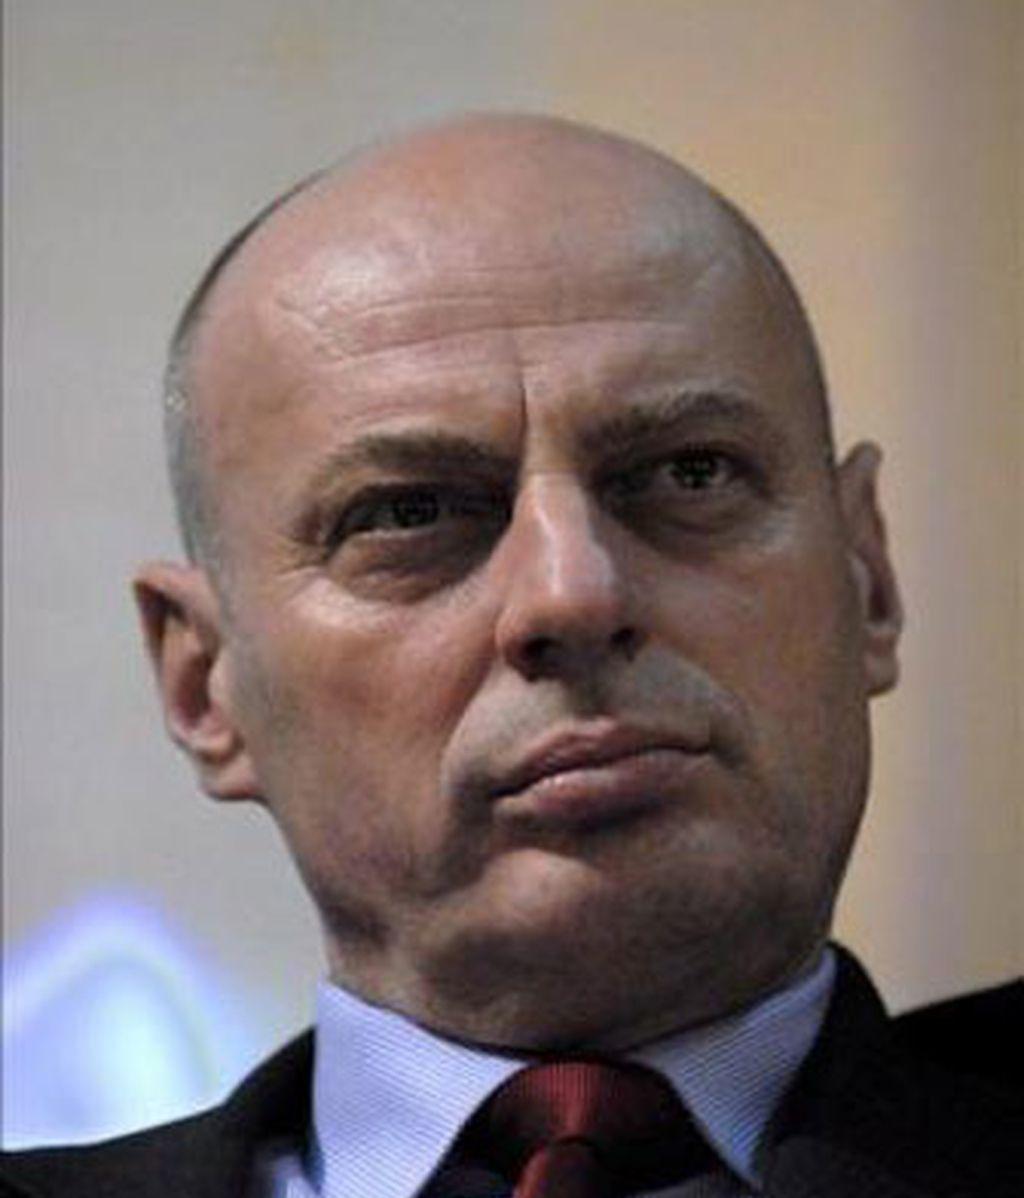 El ex Primer mInistro Kosovar, arrestado en Bulgaria